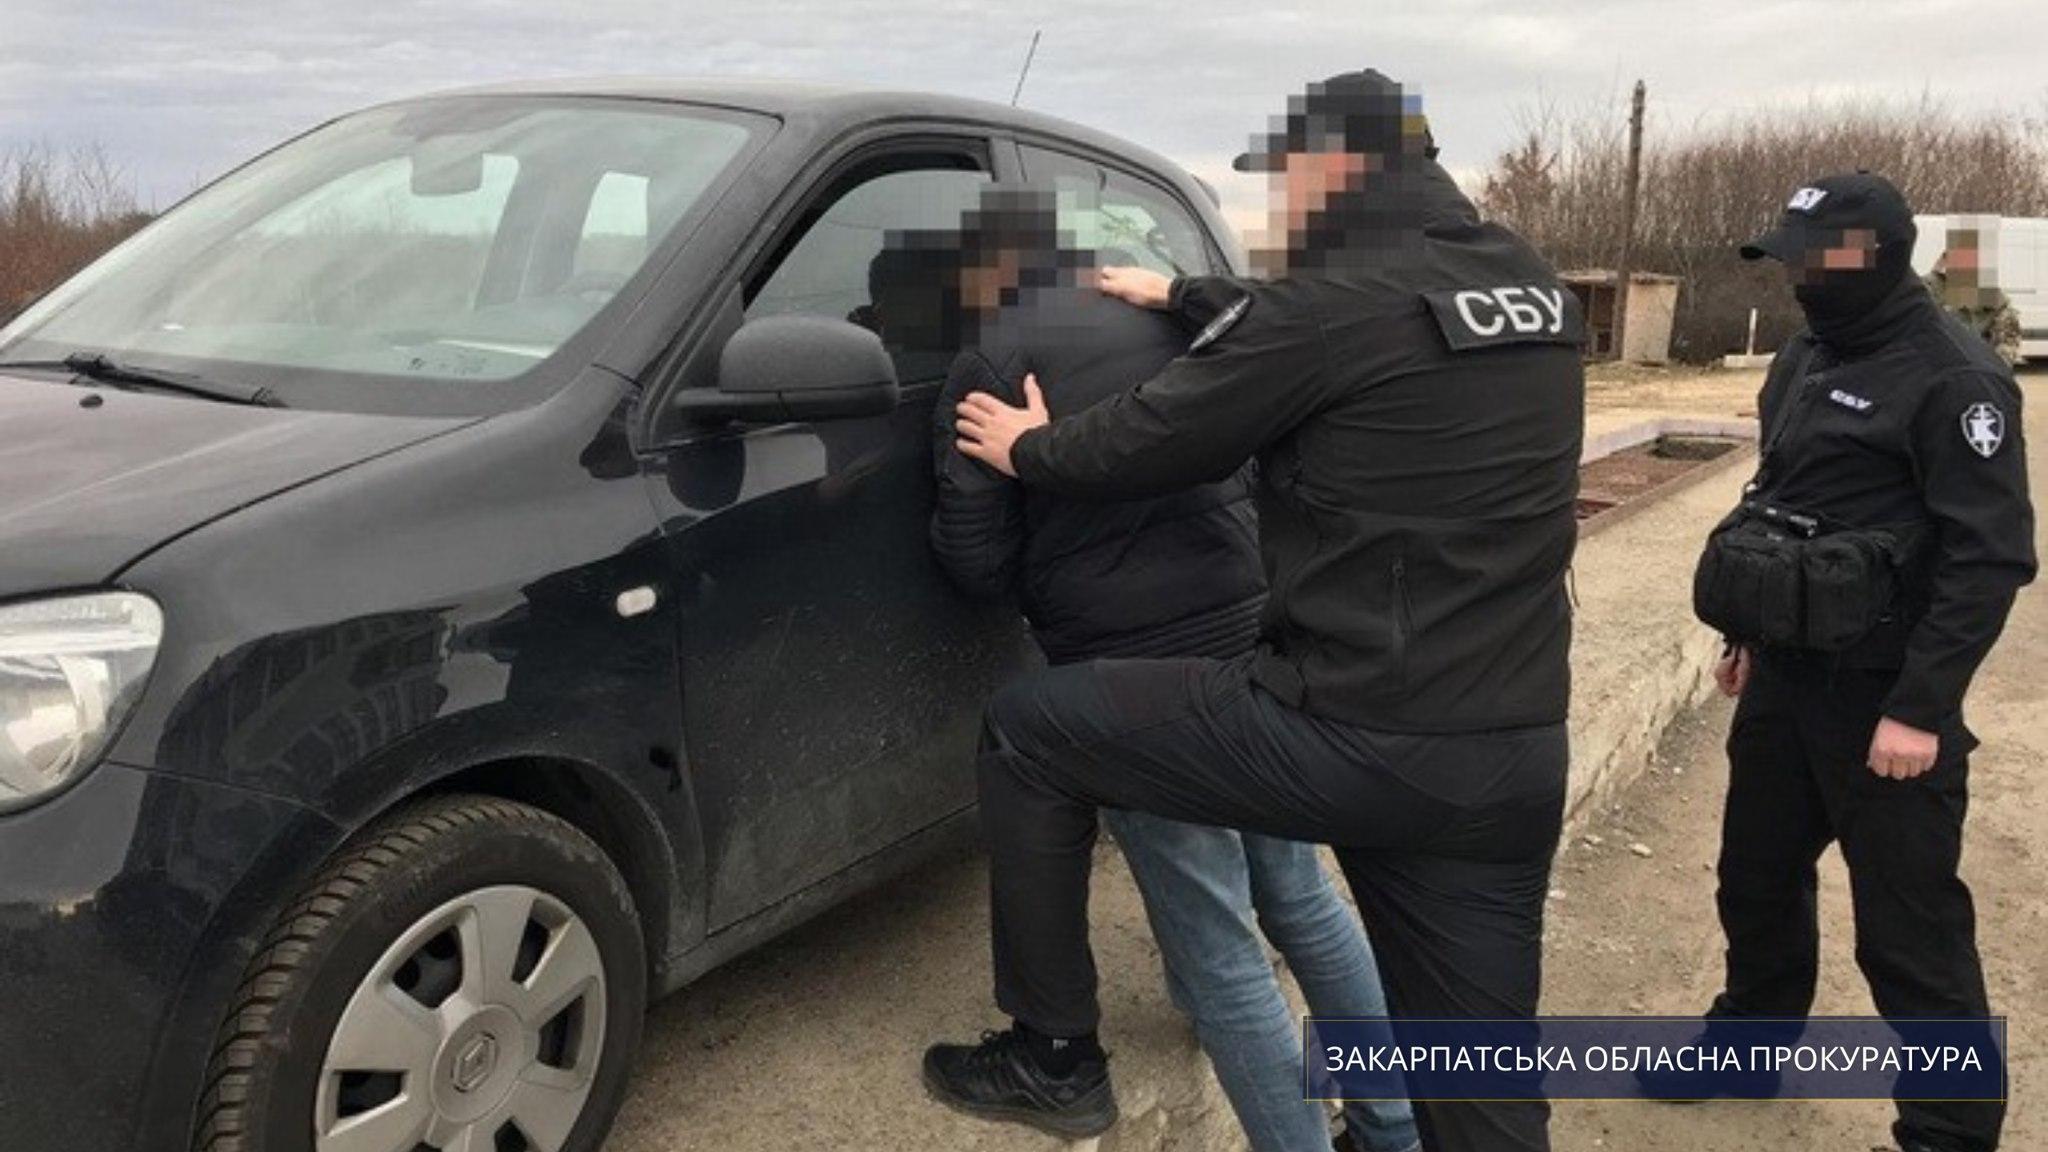 Про це повідомляє пресслужба Закарпатської обласної прокуратури.